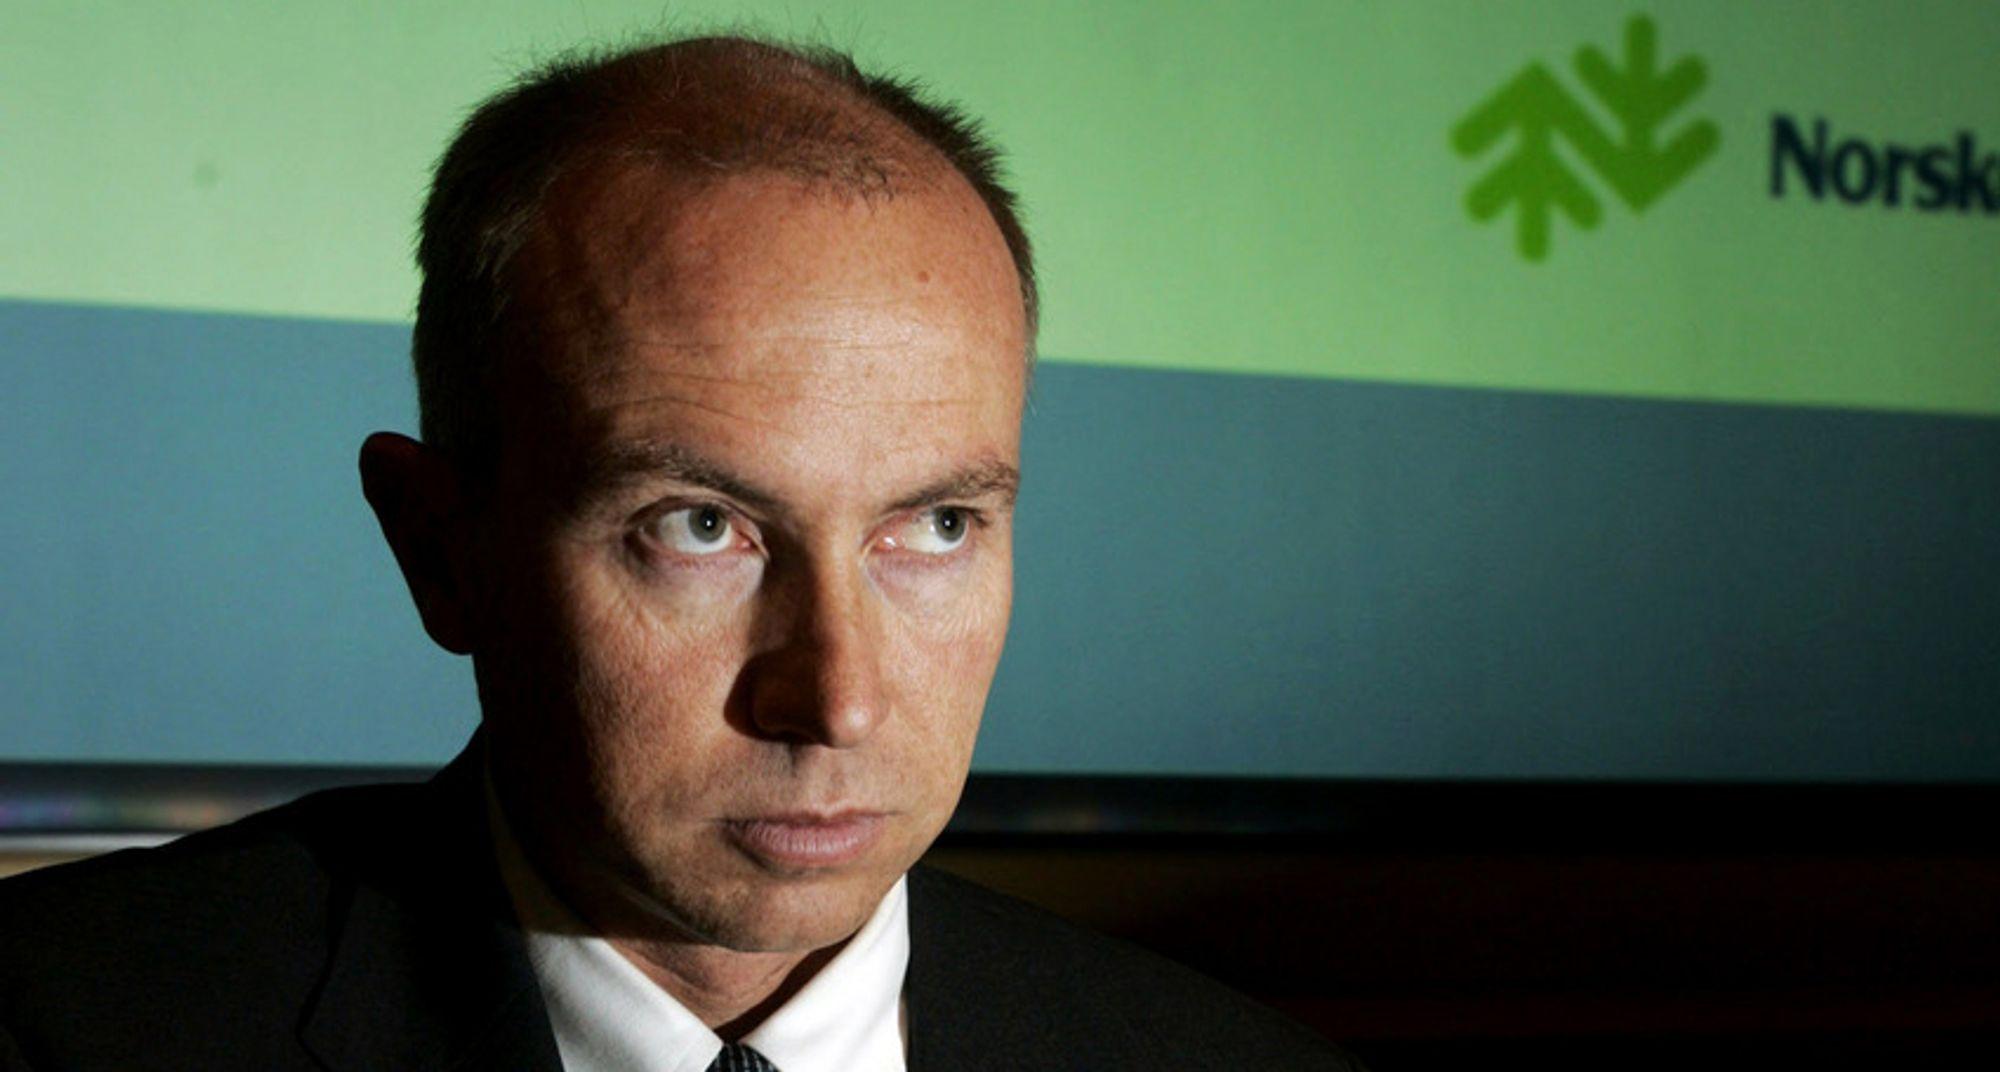 SKREKKRESULTAT:Konsernsjef Christian Rynning-Tønnesen i Norske Skog varsler ytterligere kutt i produksjonen.